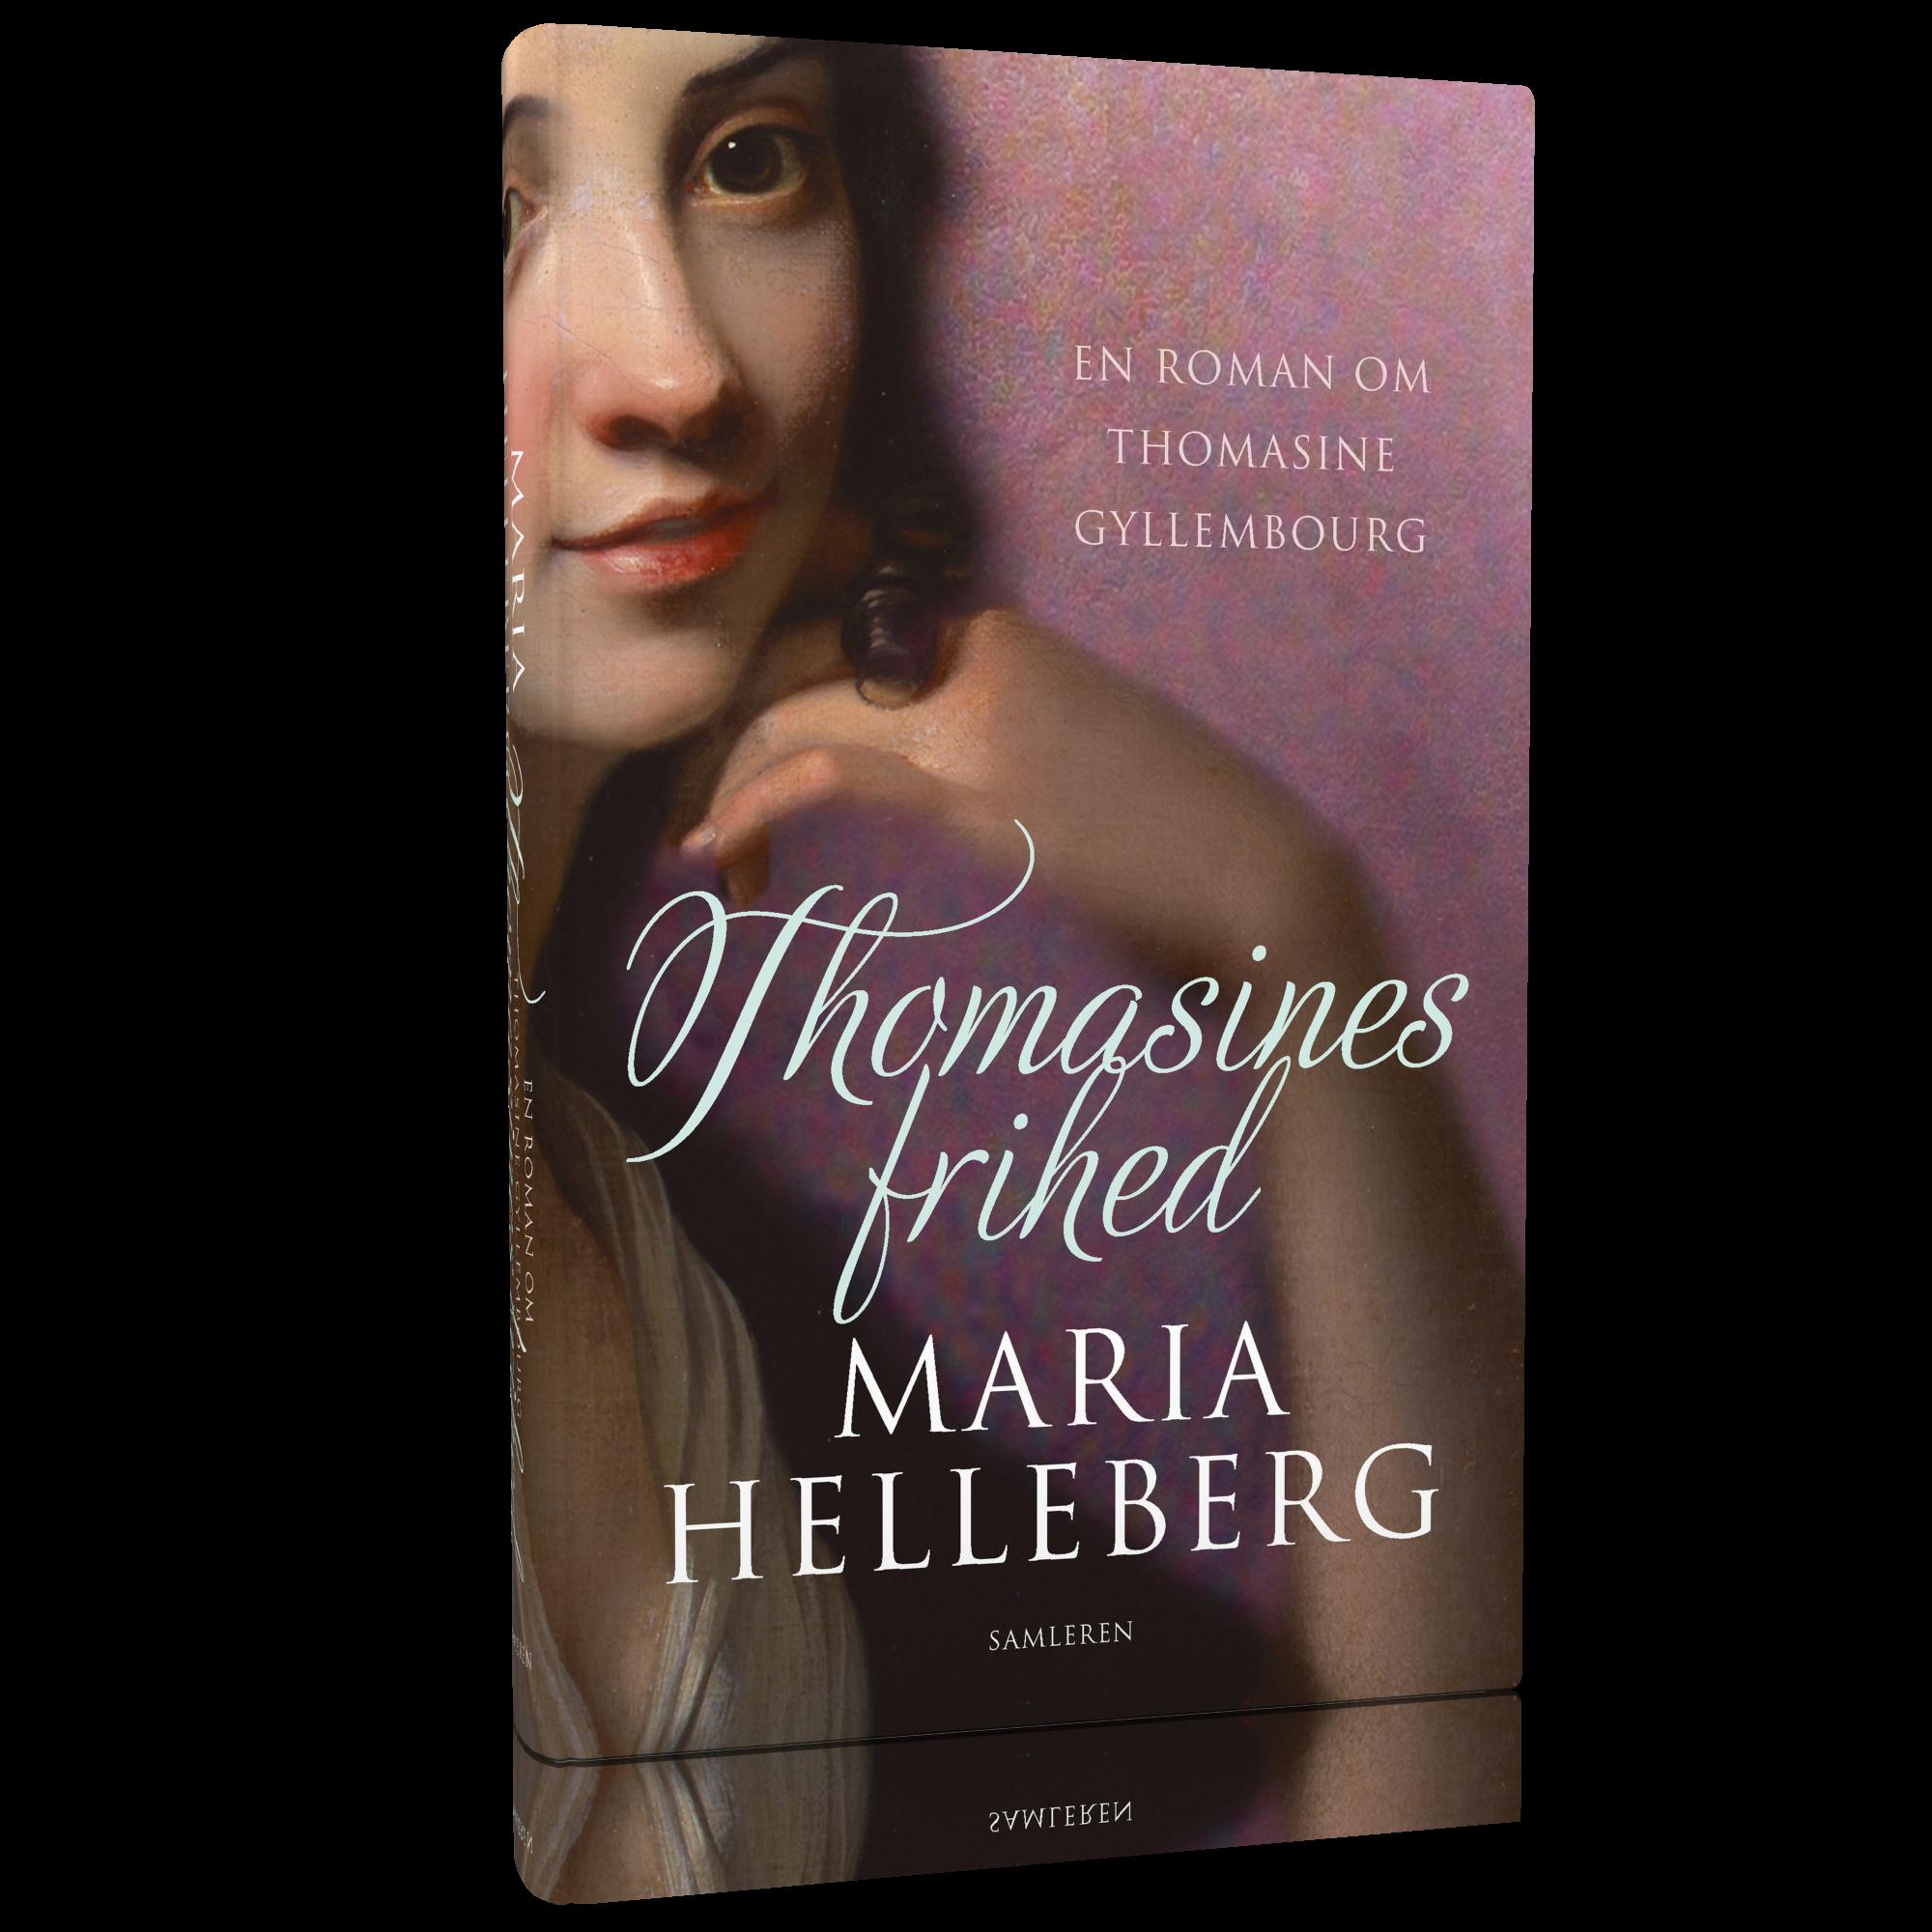 Helleberg, Thomasines frihed_3D stor1